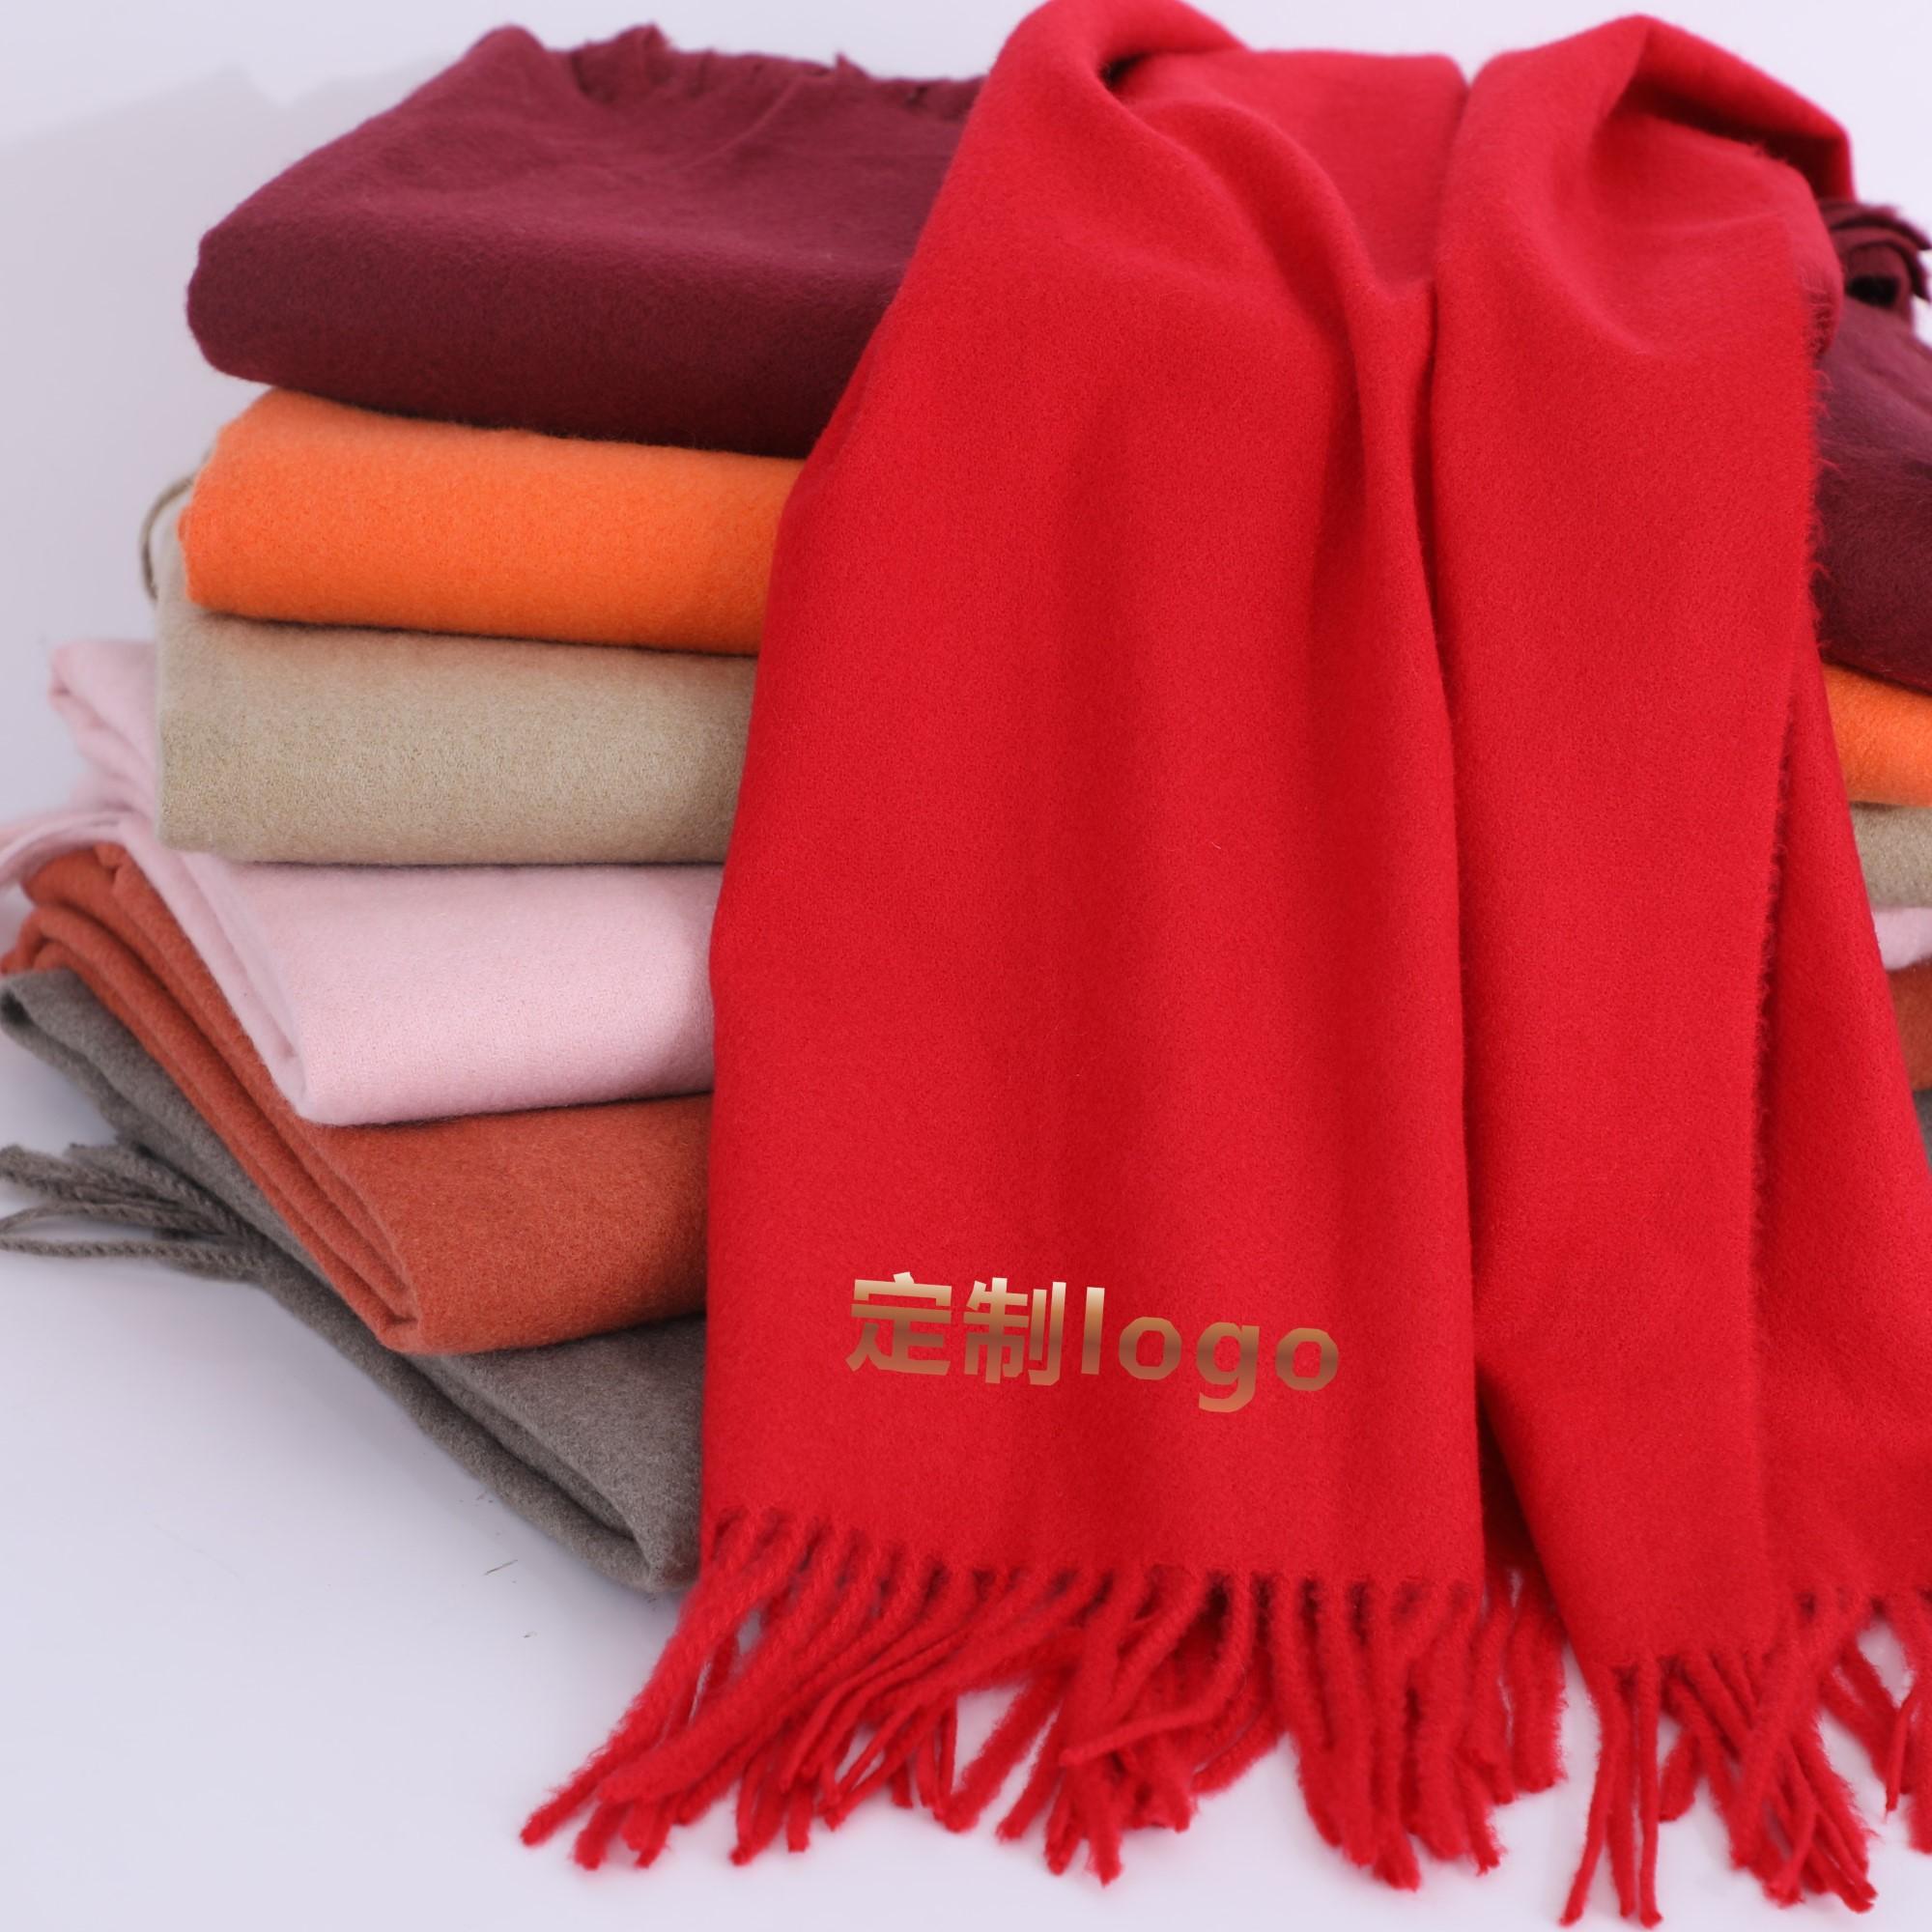 中国红围巾披肩定制刺绣logo仿羊绒围巾印图案年会同学会重阳节